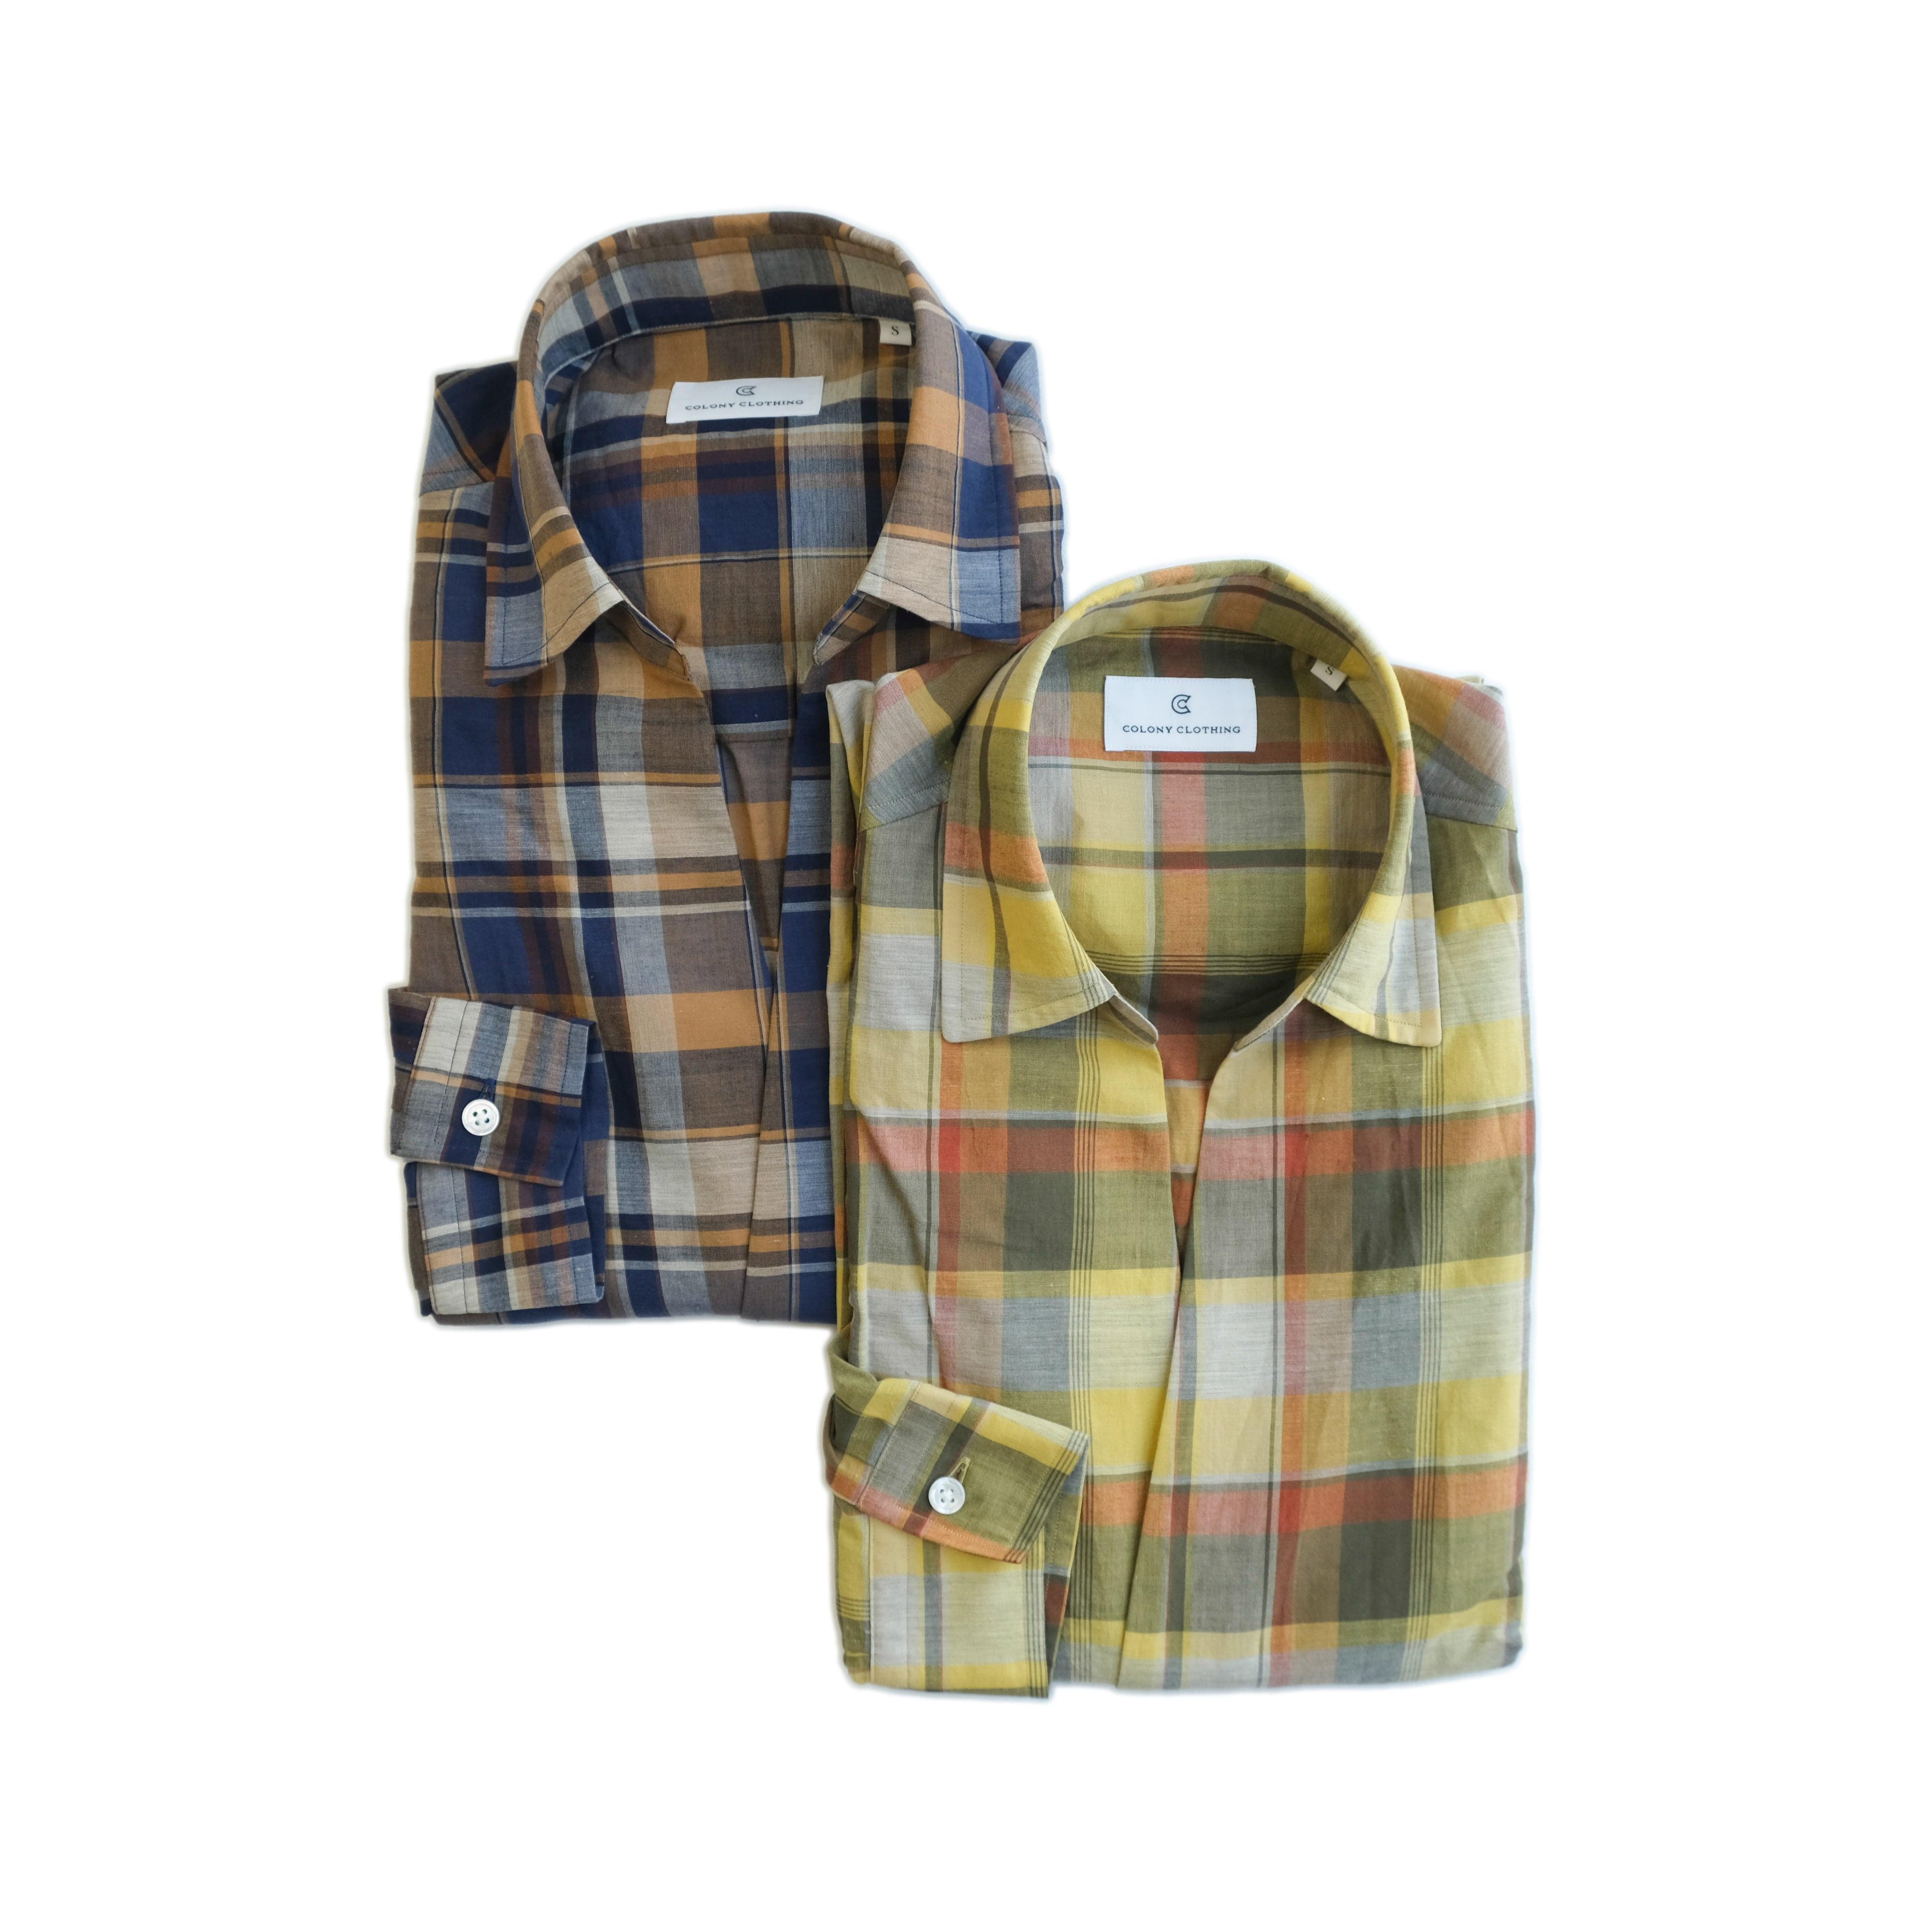 COLONY CLOTHING / POOL SIDE SHIRT MADRAS CHECKS / CC21-SH02-2(SALE)